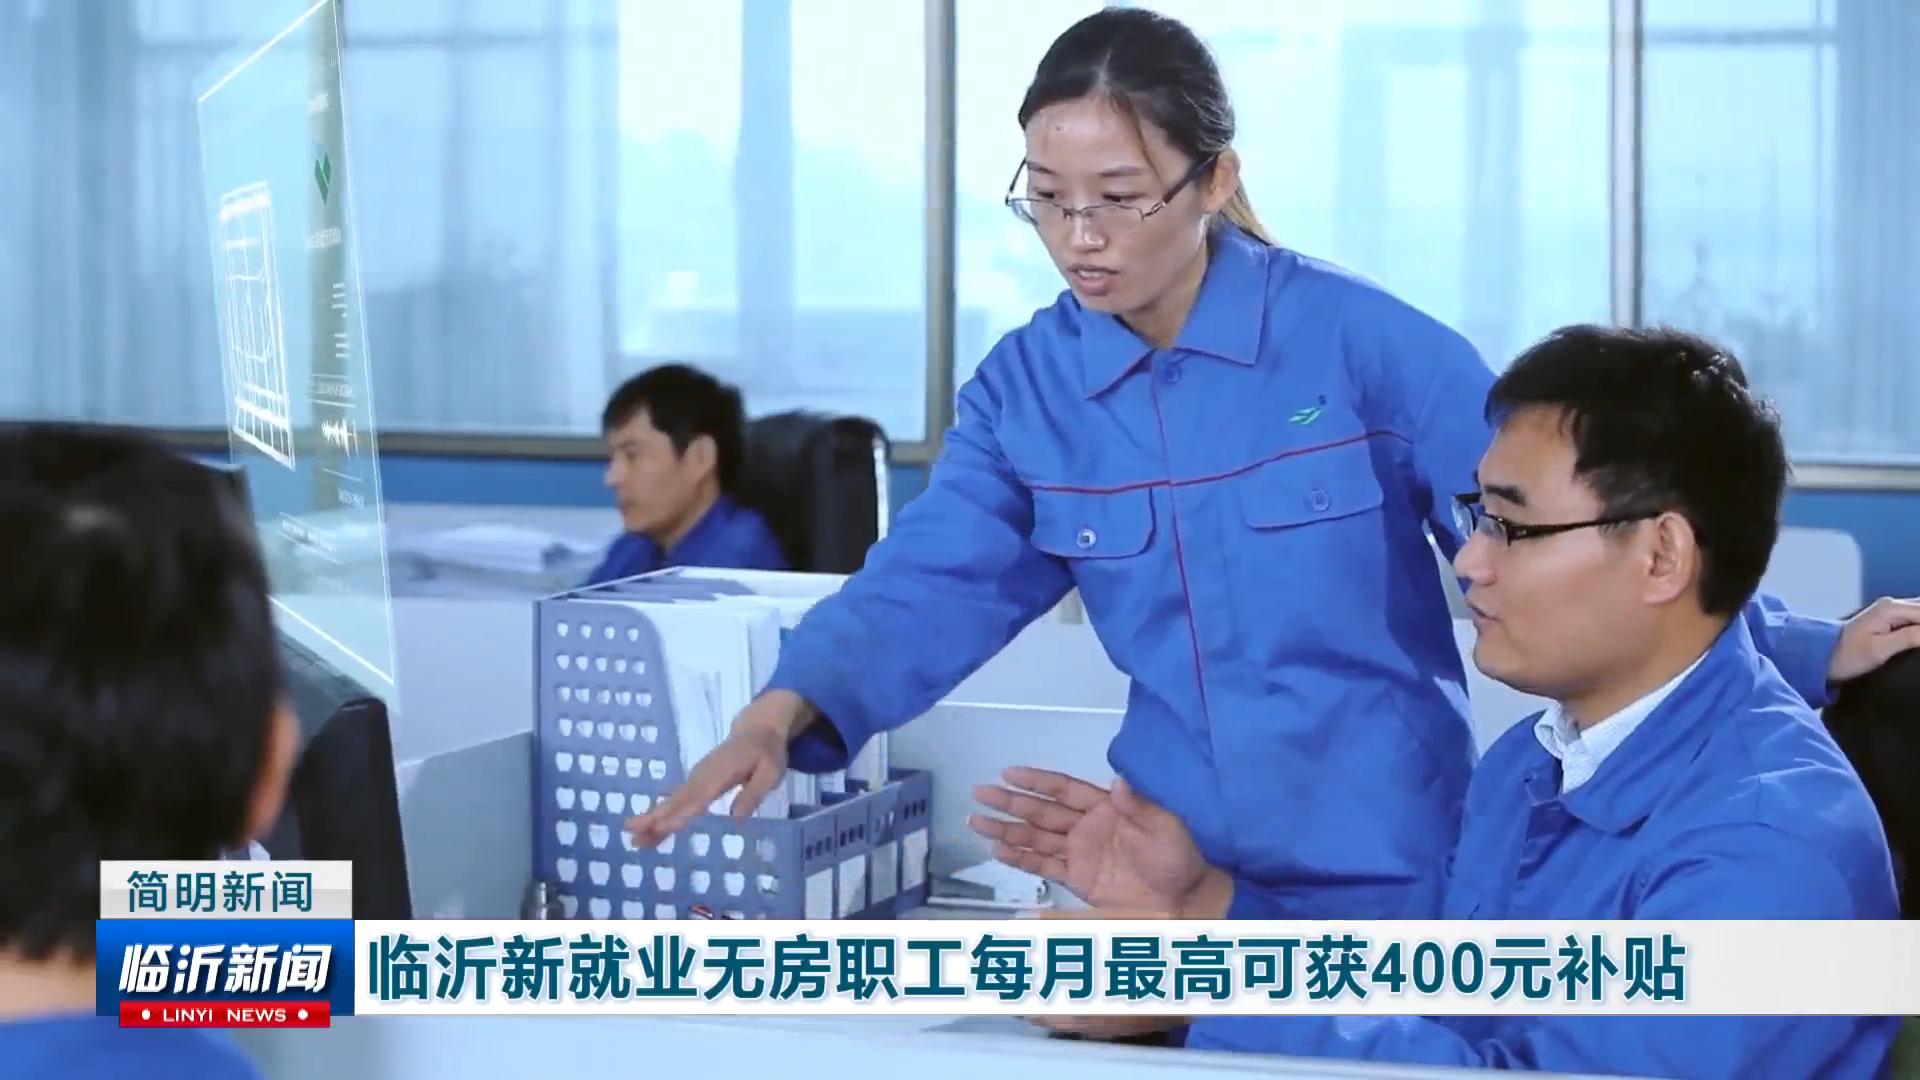 临沂新就业无房职工每月最高可获400元补贴